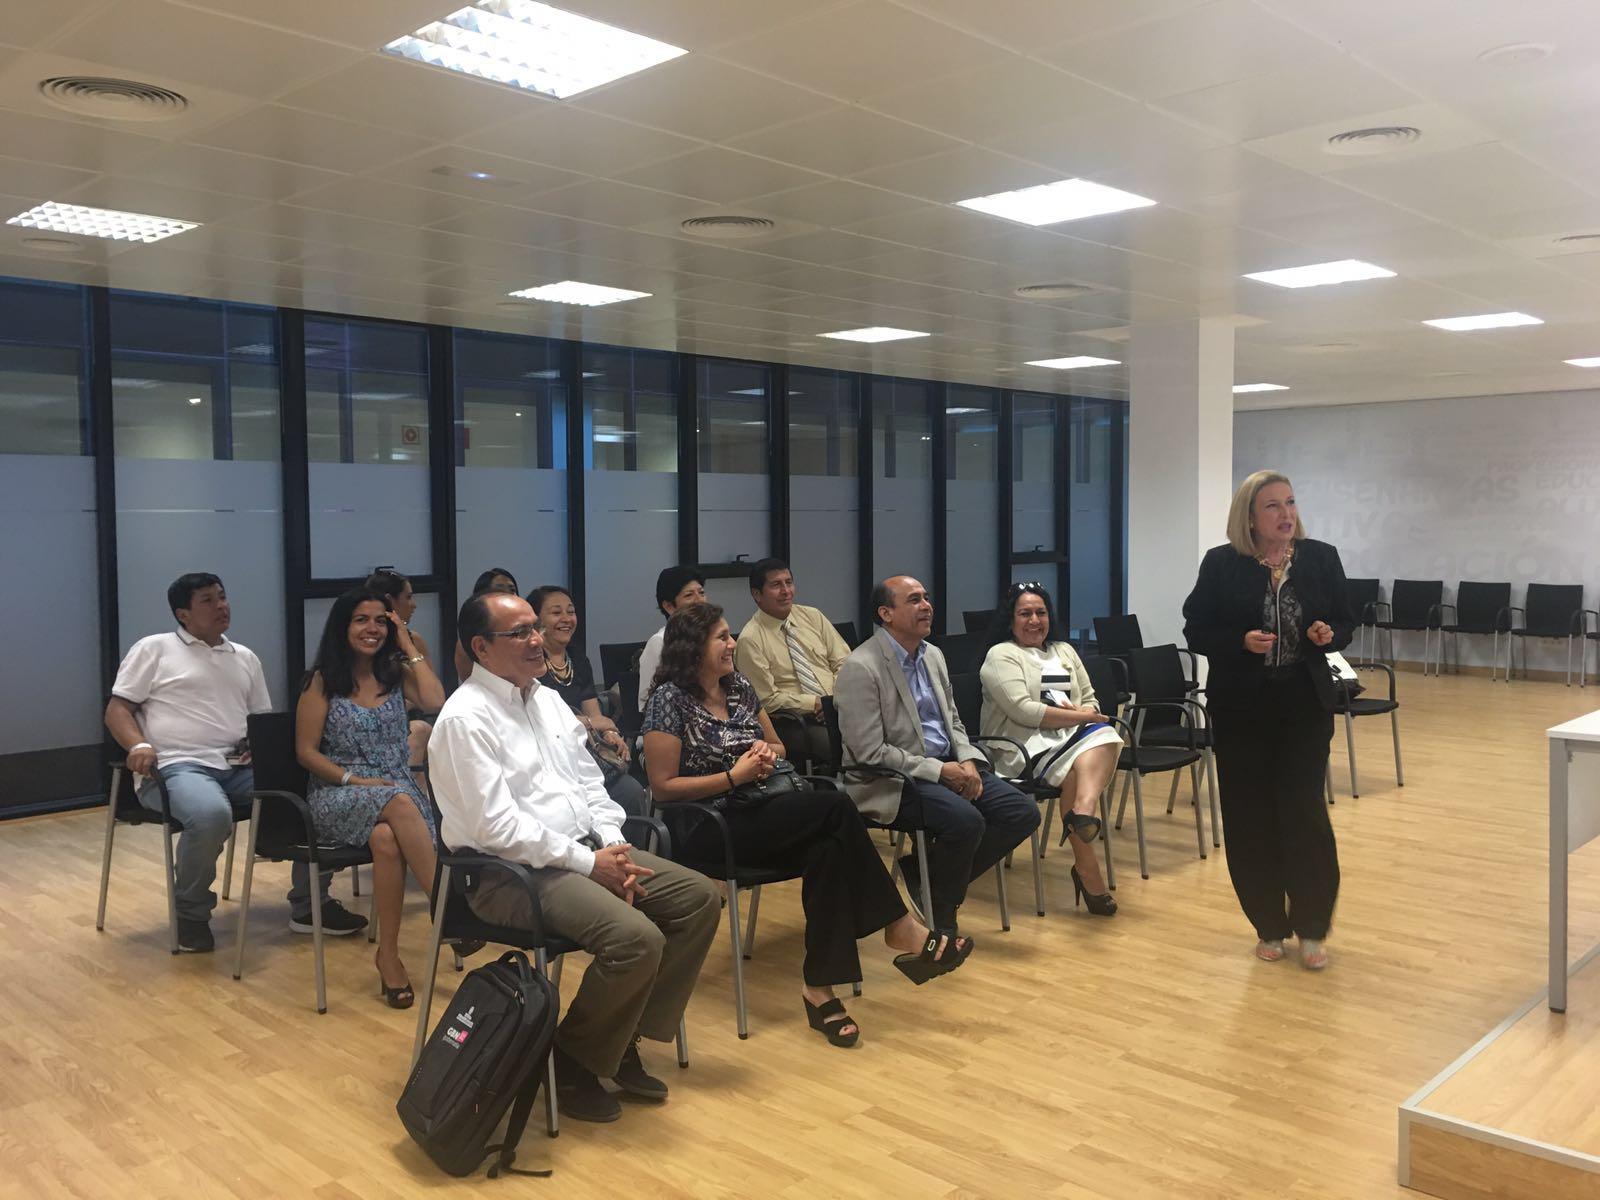 Jornada formativa sobre gestión pública a doctorandos peruanos junto a Gobernatia